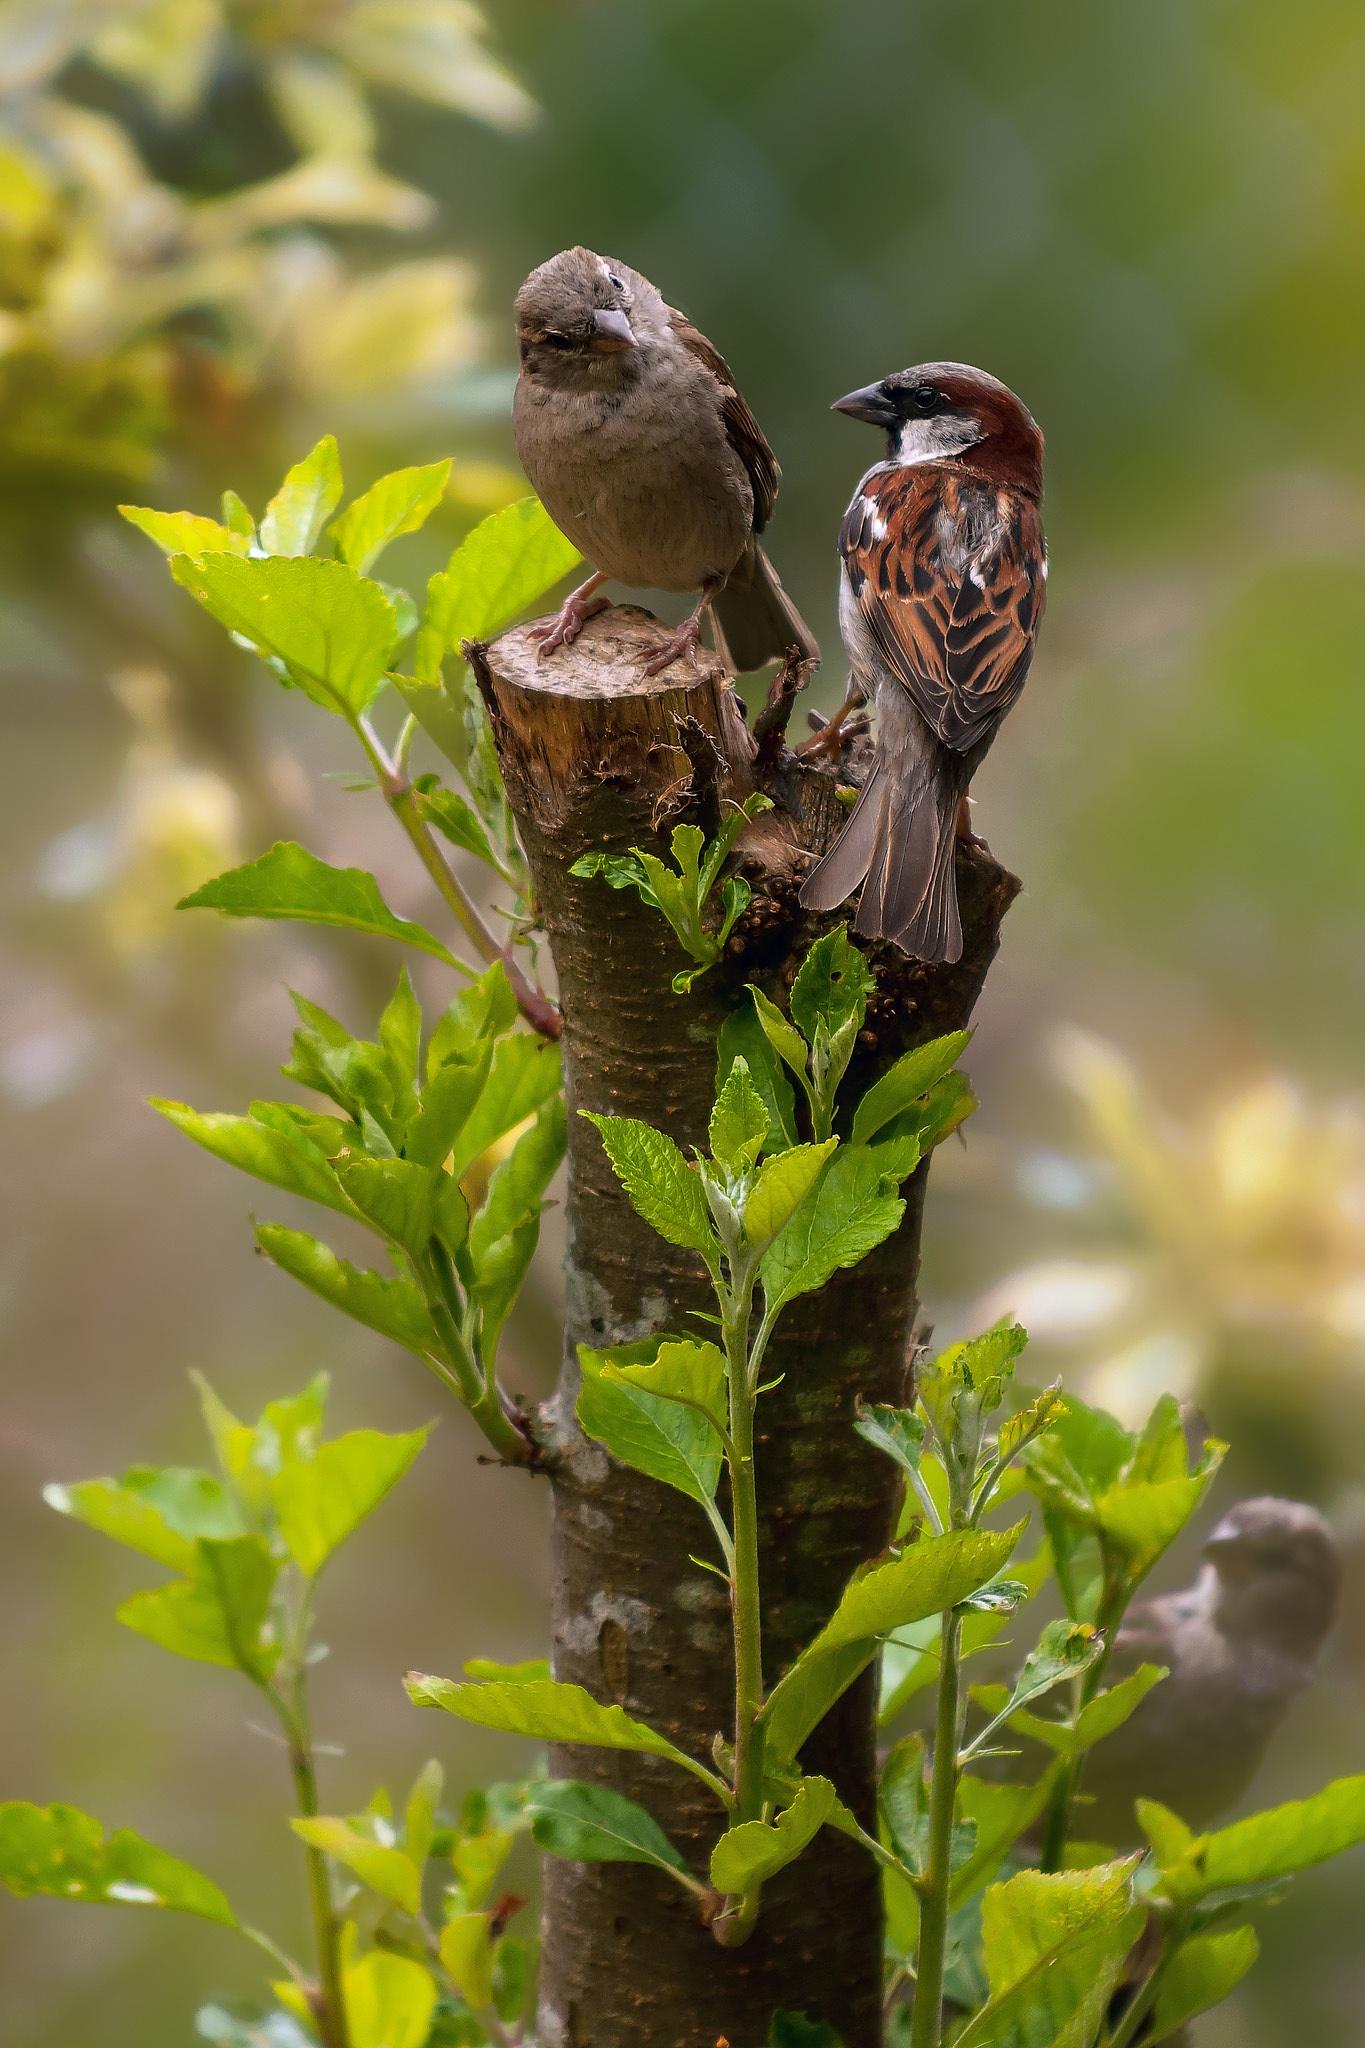 Wee birdies having a chat by scrawcreations  (Stephen)